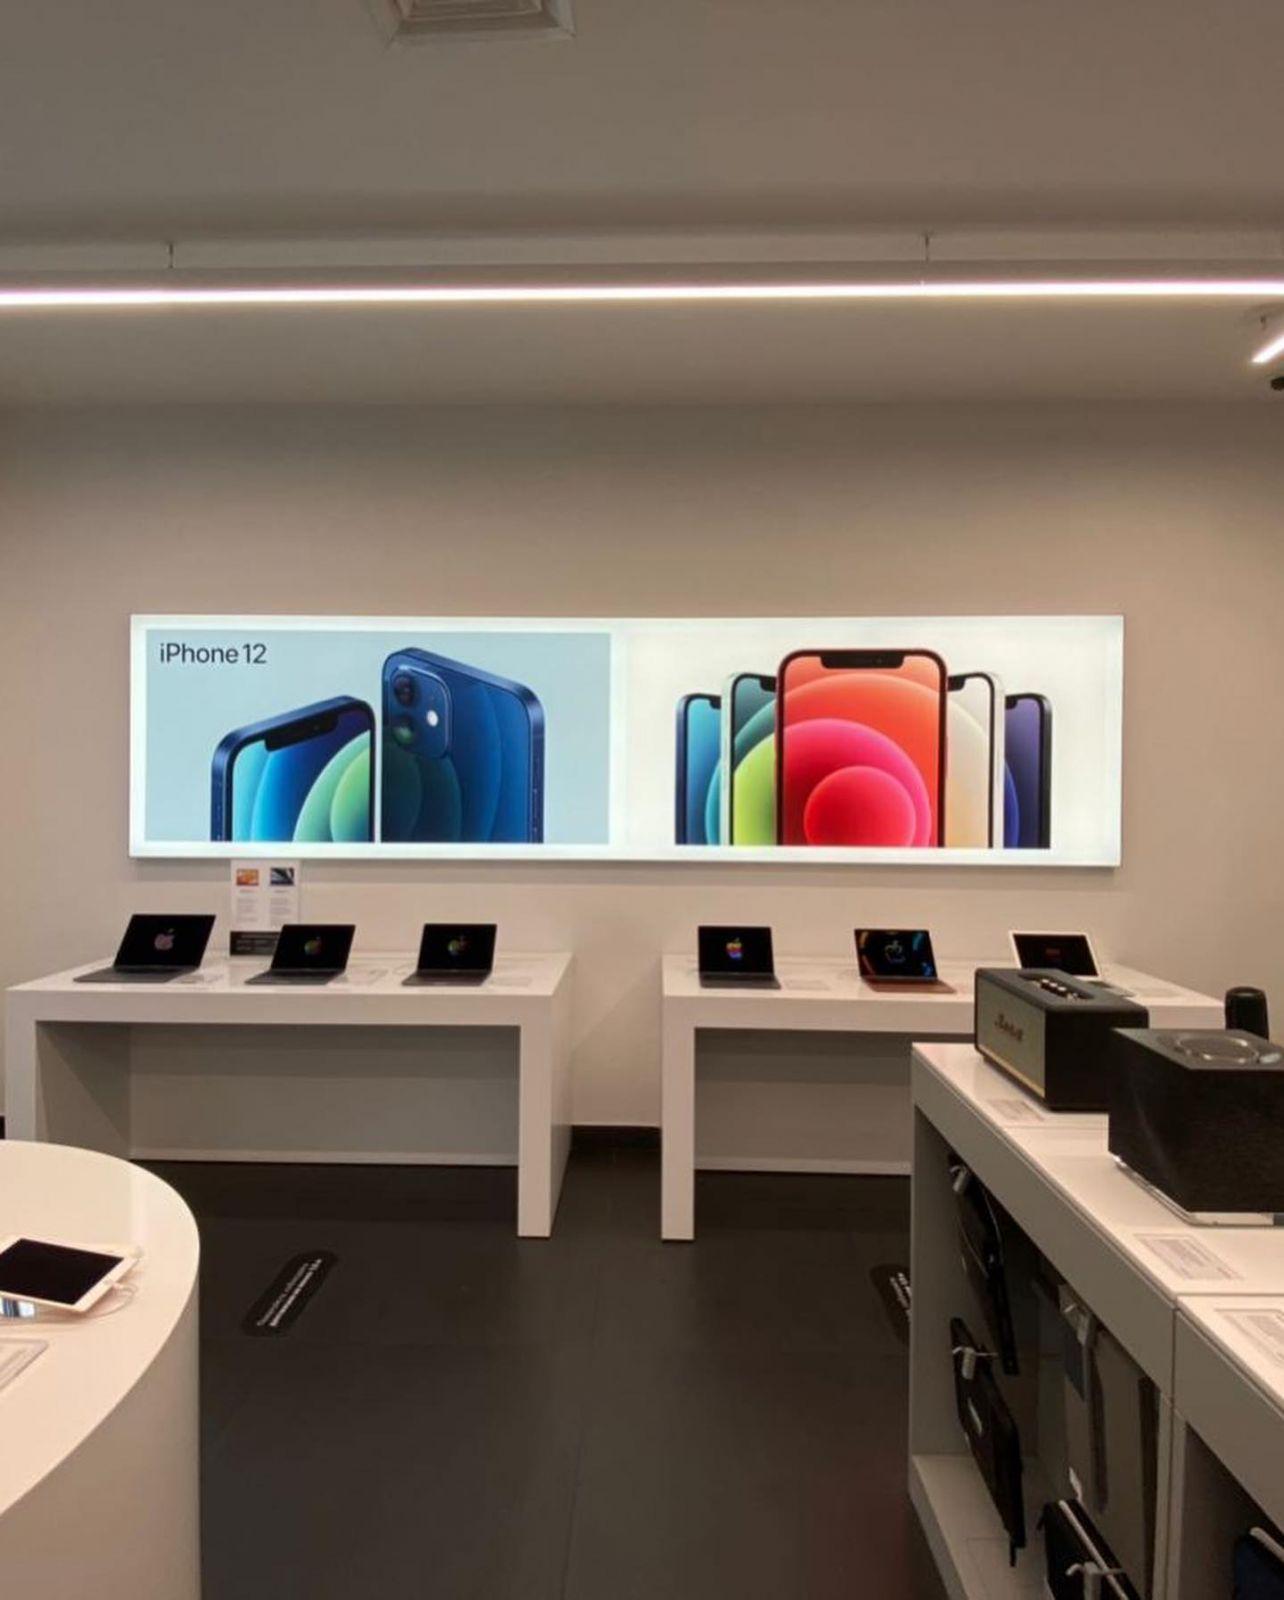 В России начались продажи iPhone 12 и iPhone 12 Pro (122277804 3727370877296239 8294399418772645507 o)